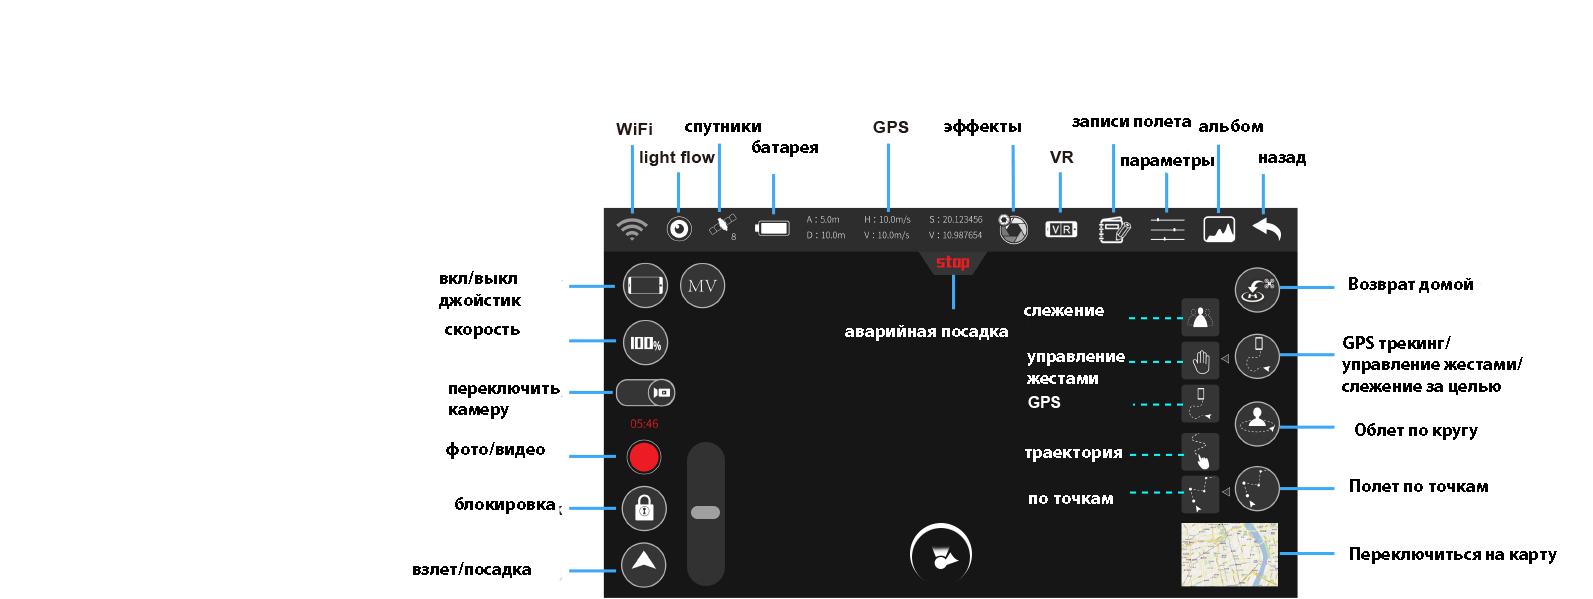 управление в приложении syma x30